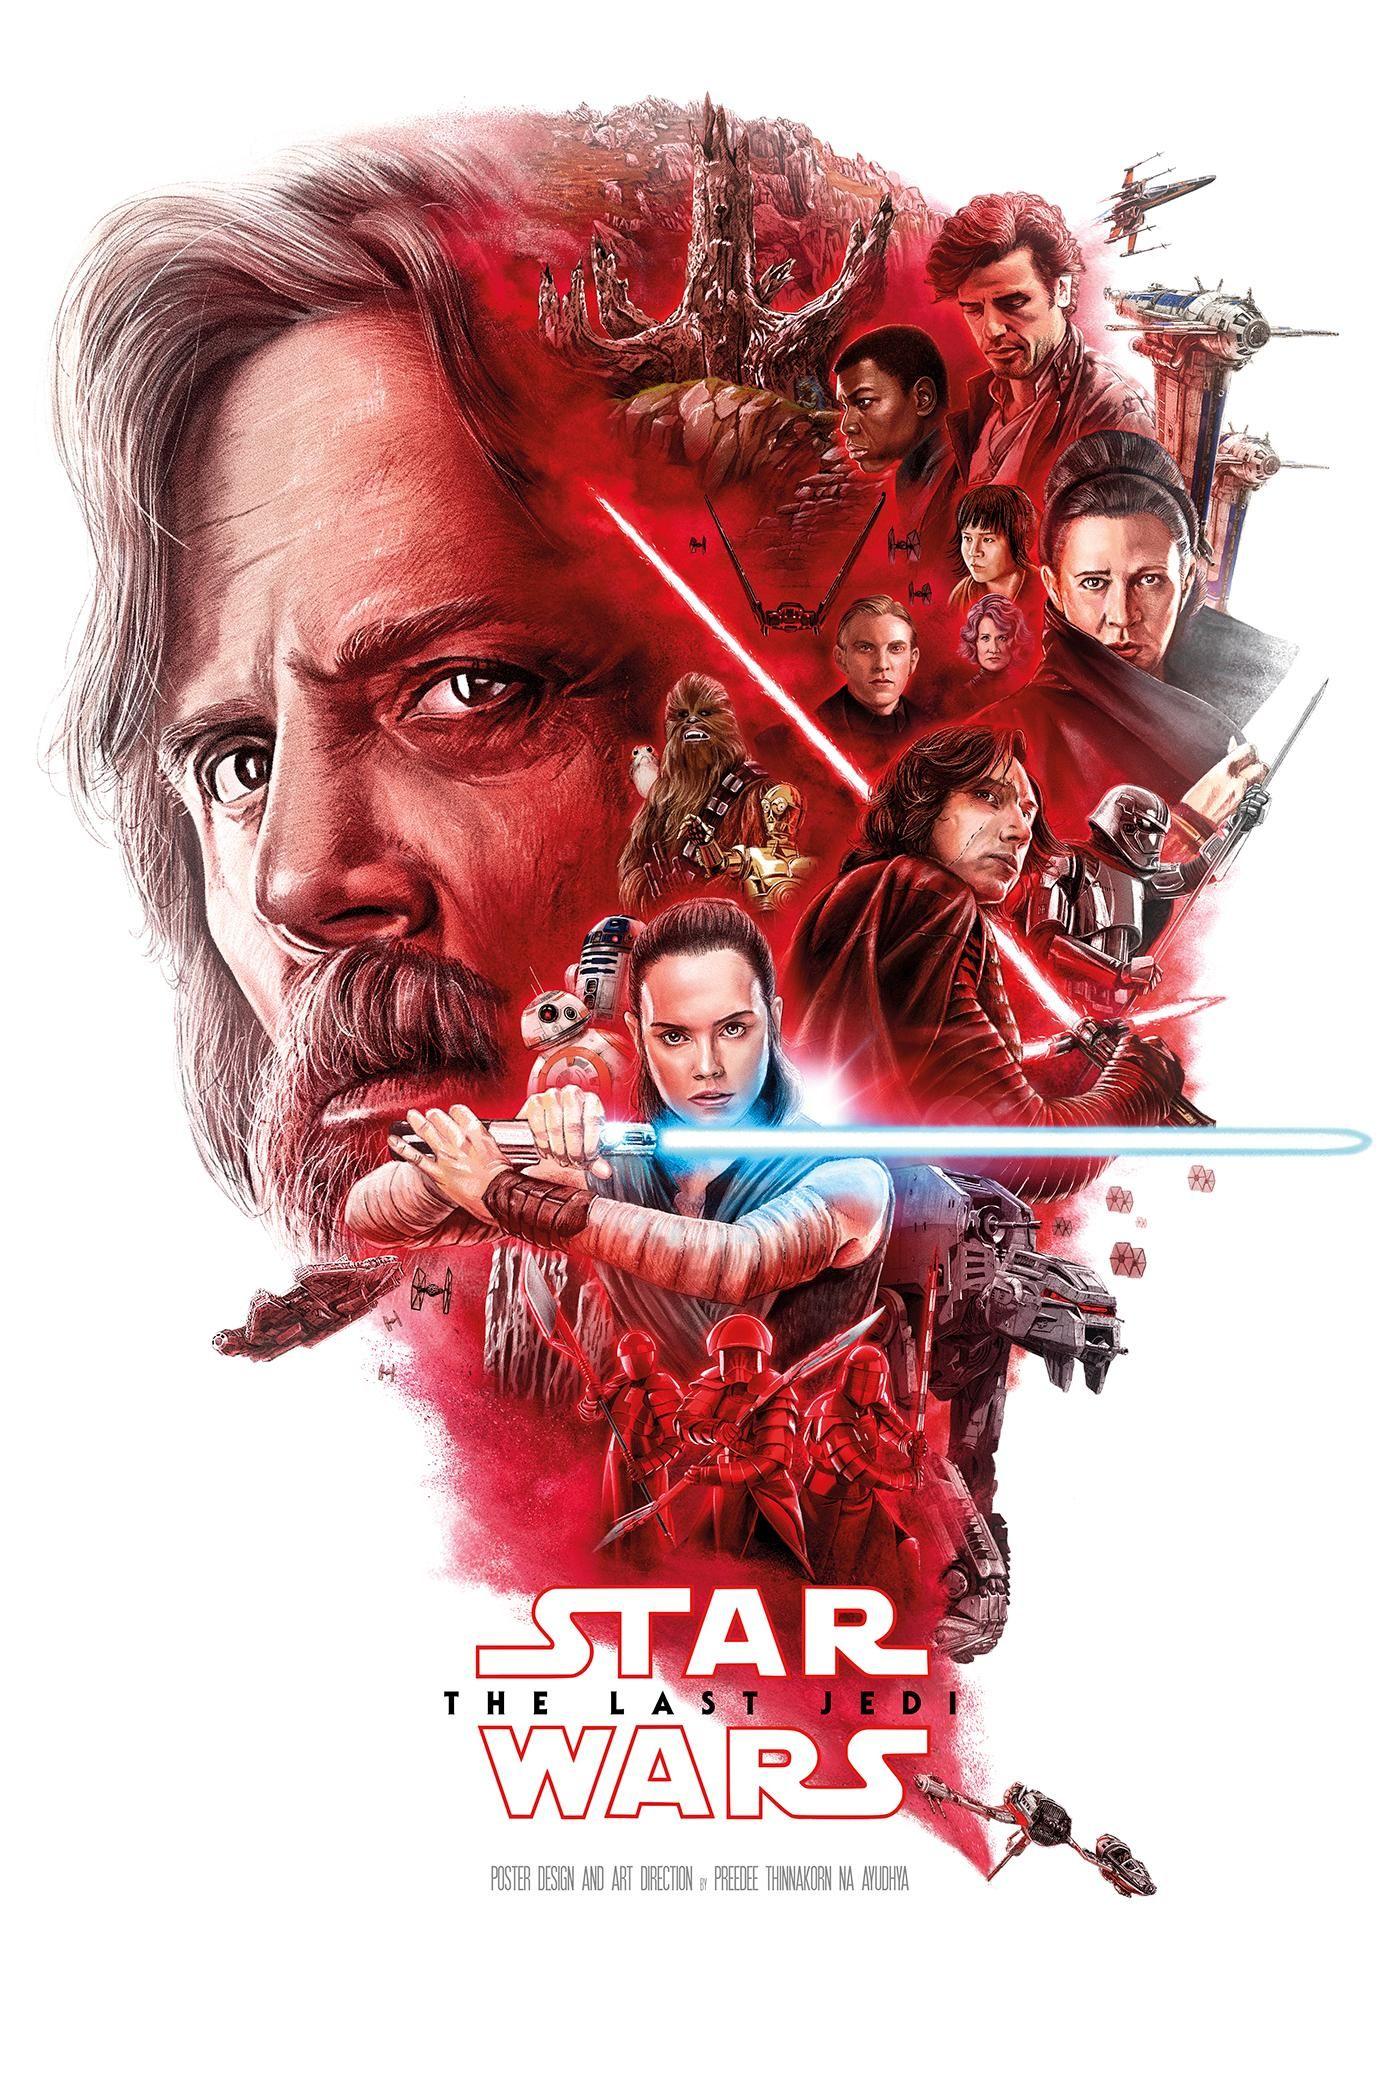 Star Wars Episode Viii The Last Jedi 2017 1400 X 2087 Star Wars Poster Star Wars Villains Star Wars Drawings